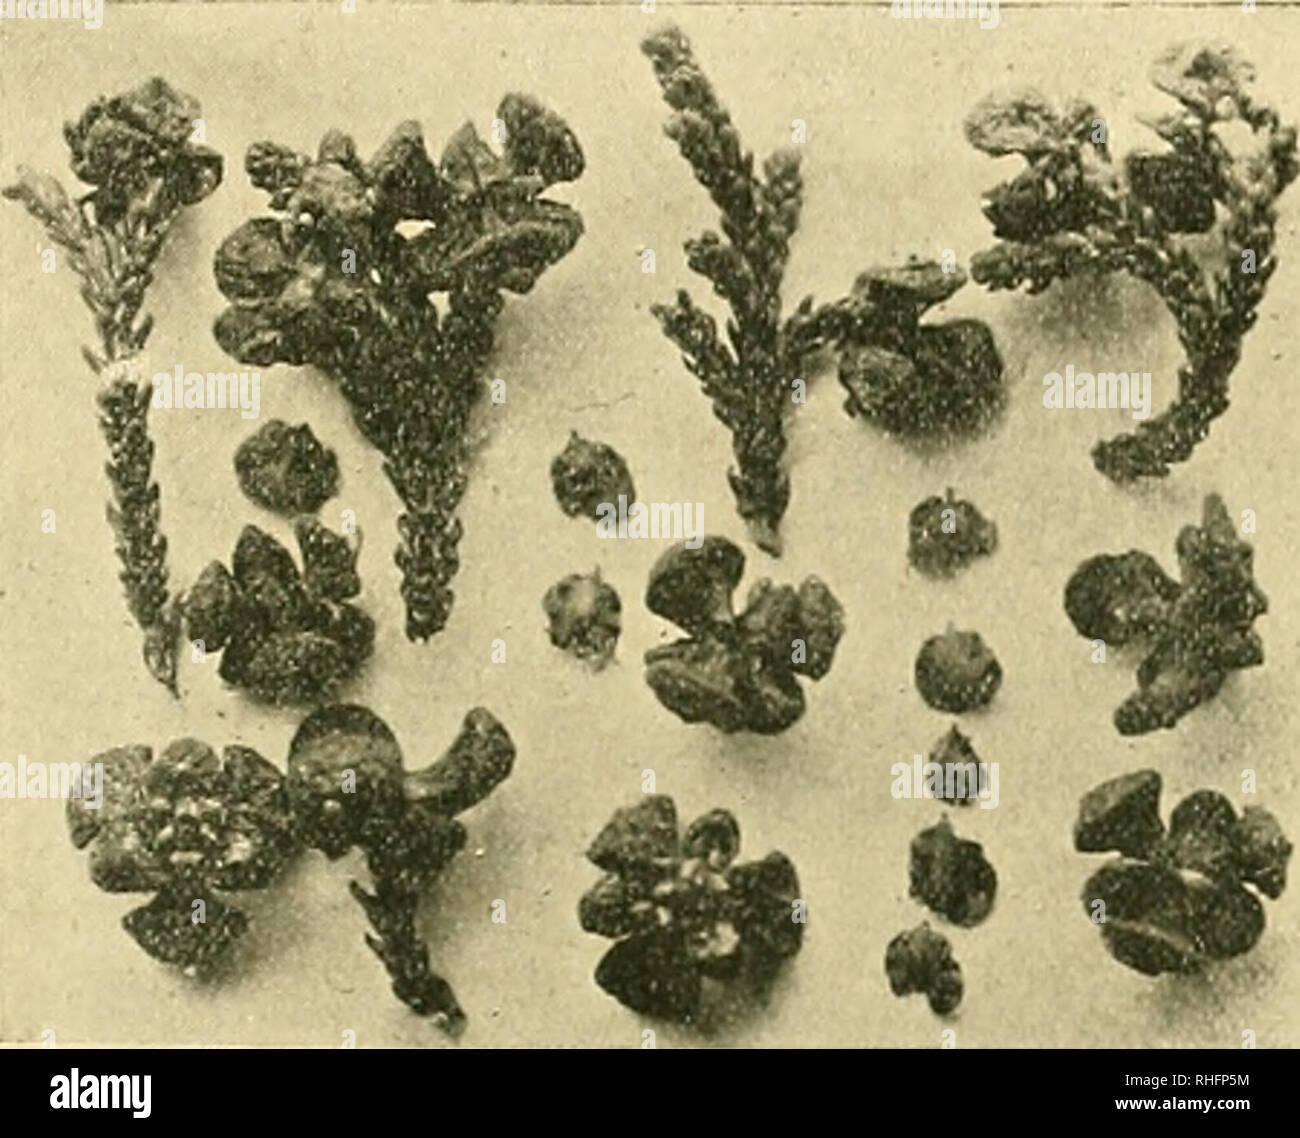 . Boletín del Museo Nacional de Chile. Historia natural. M. R. Espinosa B.-alerzales di piuchué 63 por las semillas. Los observé los frutos en abundancia sobre la planta en enero, yo probablemente la floración debe tener lugar en Agosto o Se tiembre. Las semillas son acorazonadas, bialadas, color canela; el vértice pro- longado en una pequeña punta de estremo circular; miden de ala a ala 45 mm., i de largo de 4 mm. Hai gluten i aceite en sus células. El cuerpo de la. FlG. 41.-Frutos i semillas de Monte^roya patagonica.Y, la semilla es de forma de maza, ONU poco comprimida. Hai 9 semillas en cada fruto. Foto de stock